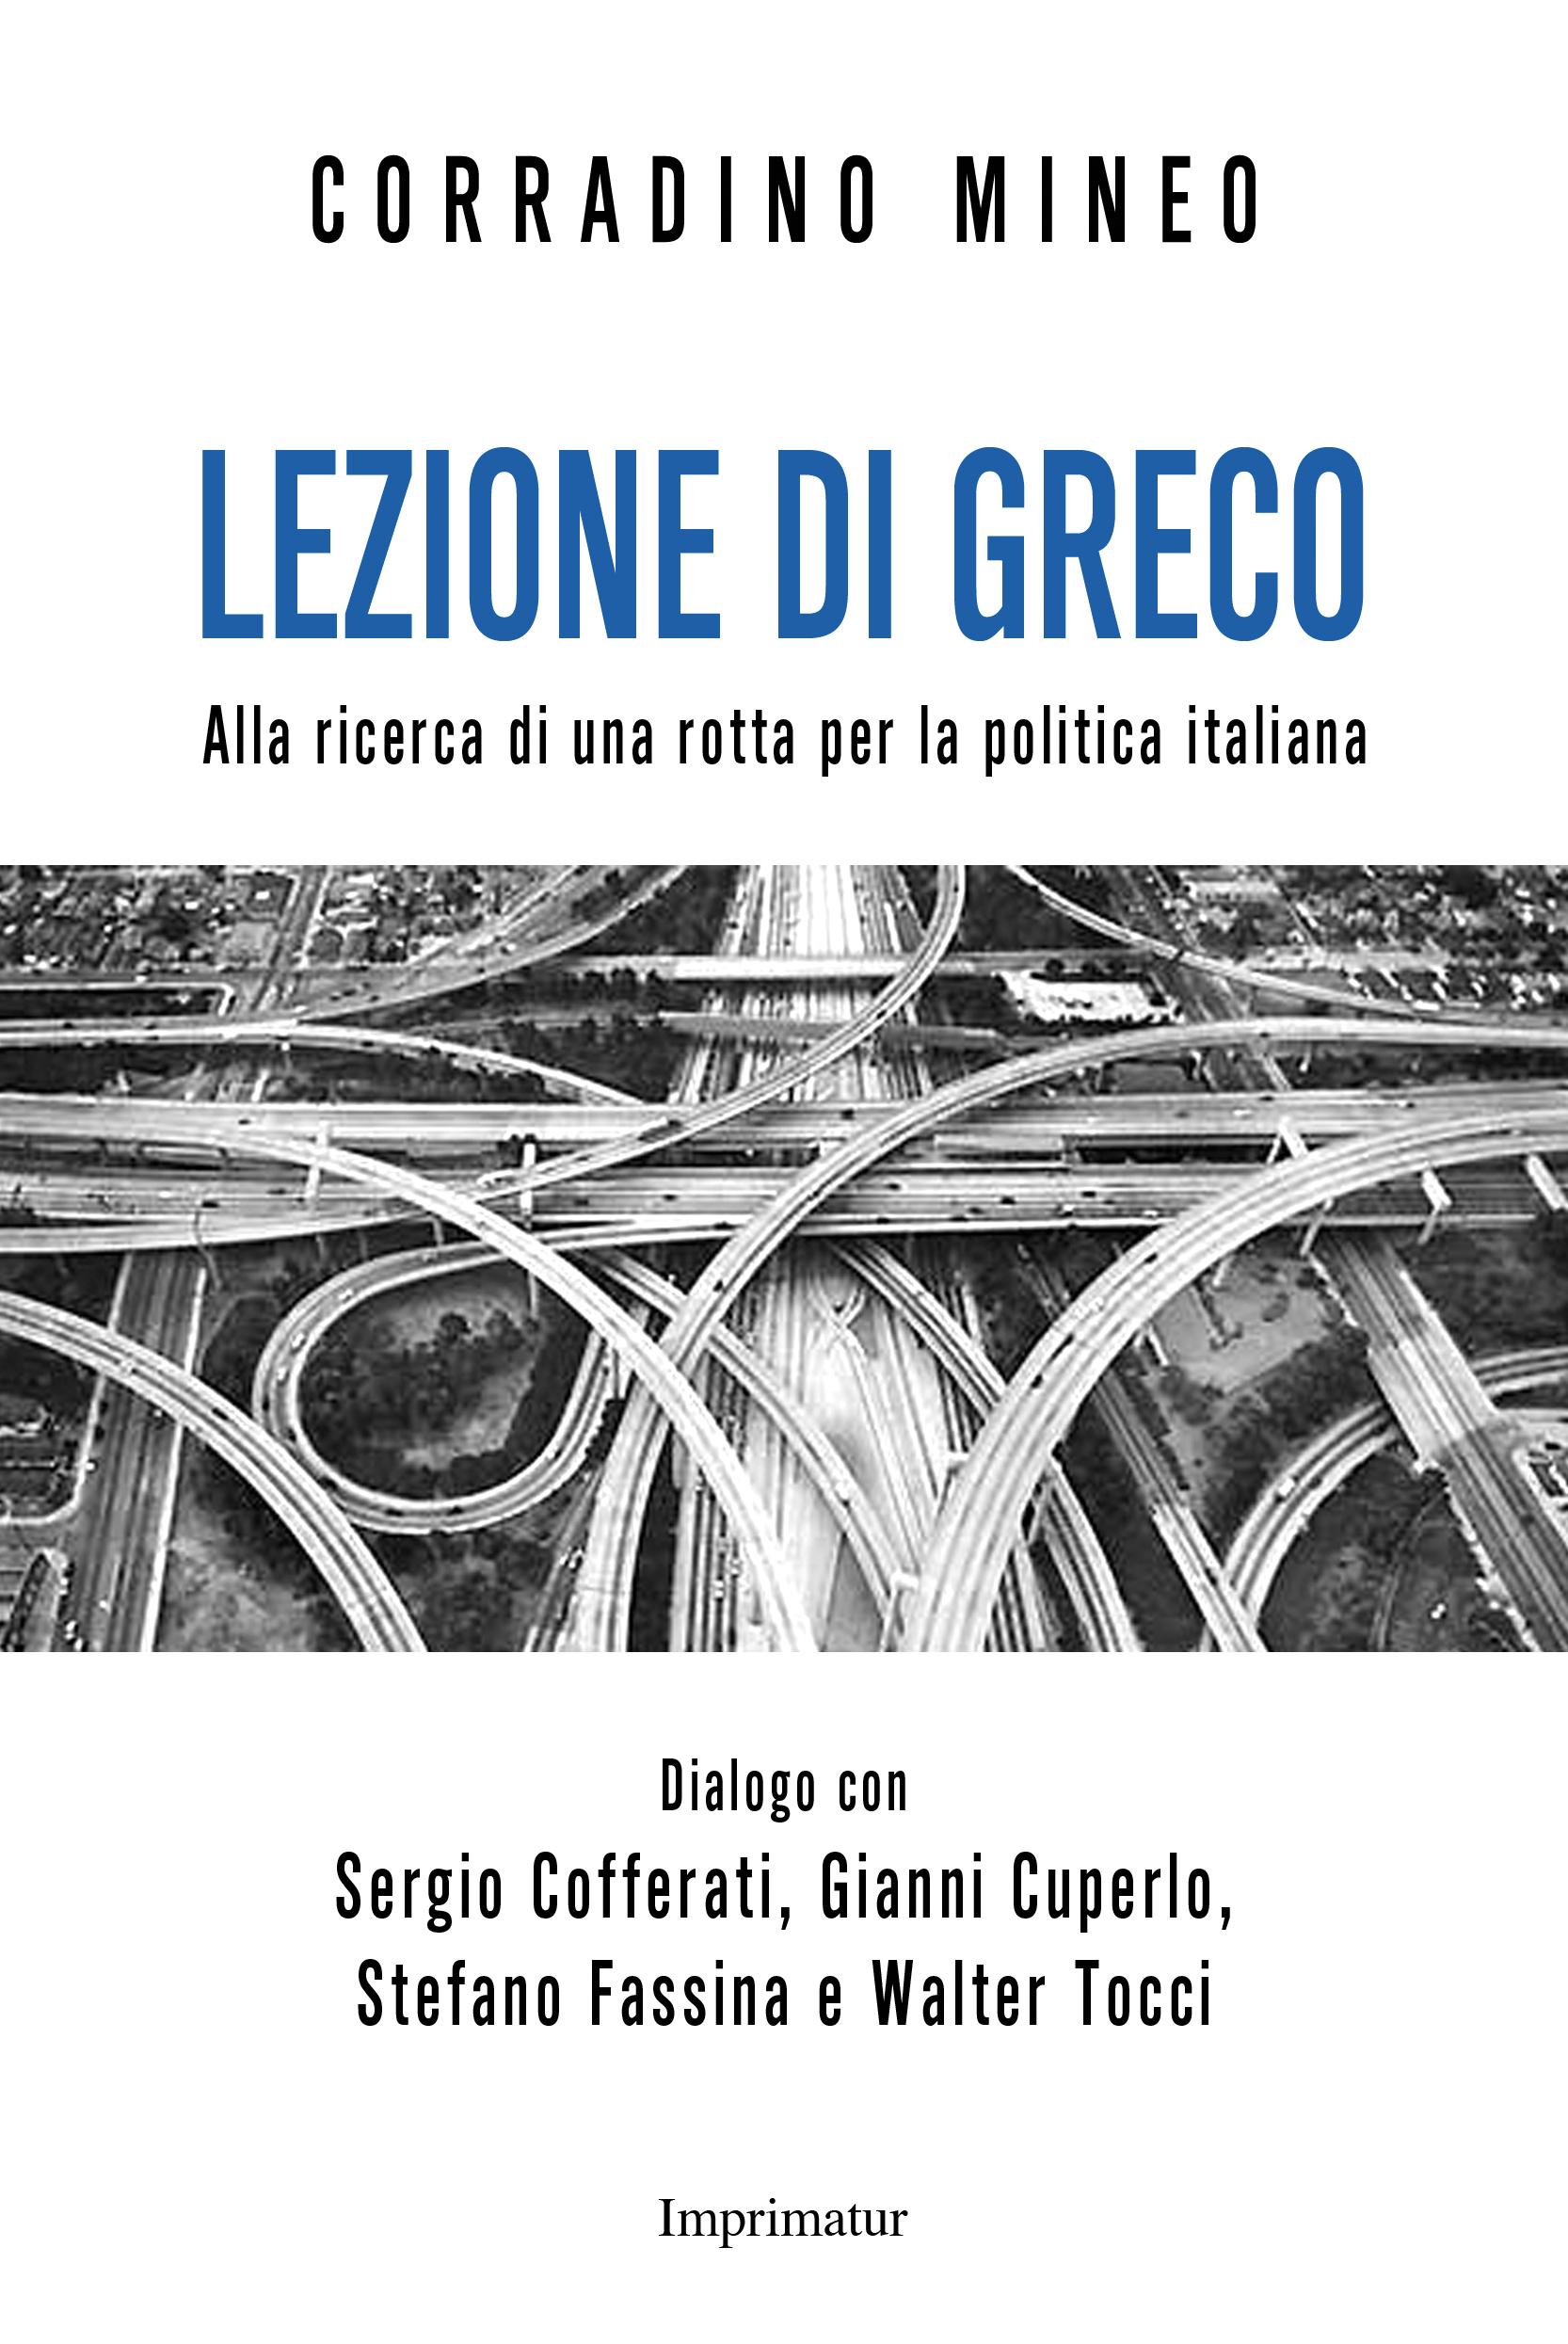 Lezione di greco. Alla ricerca di una rotta per la politica italiana Book Cover